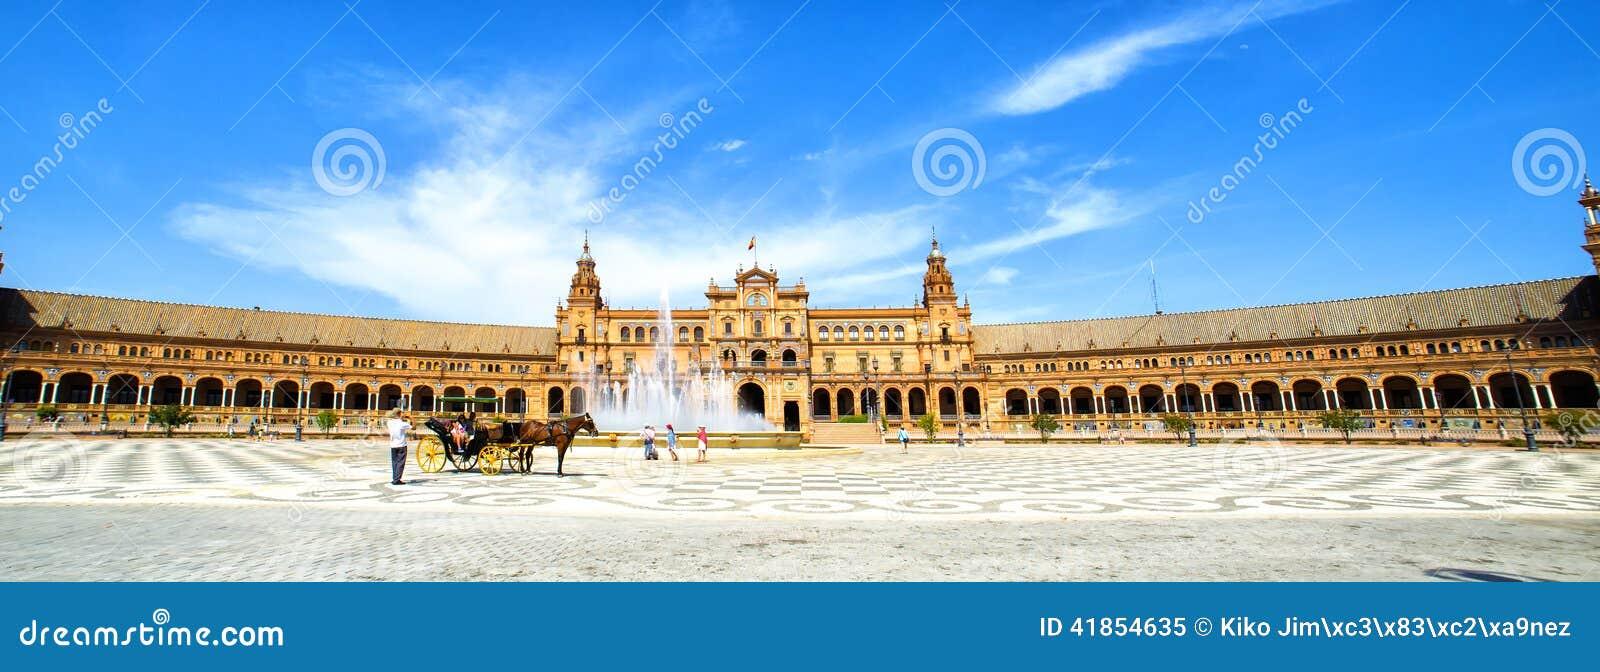 Panoramico della plaza de Espana, Siviglia